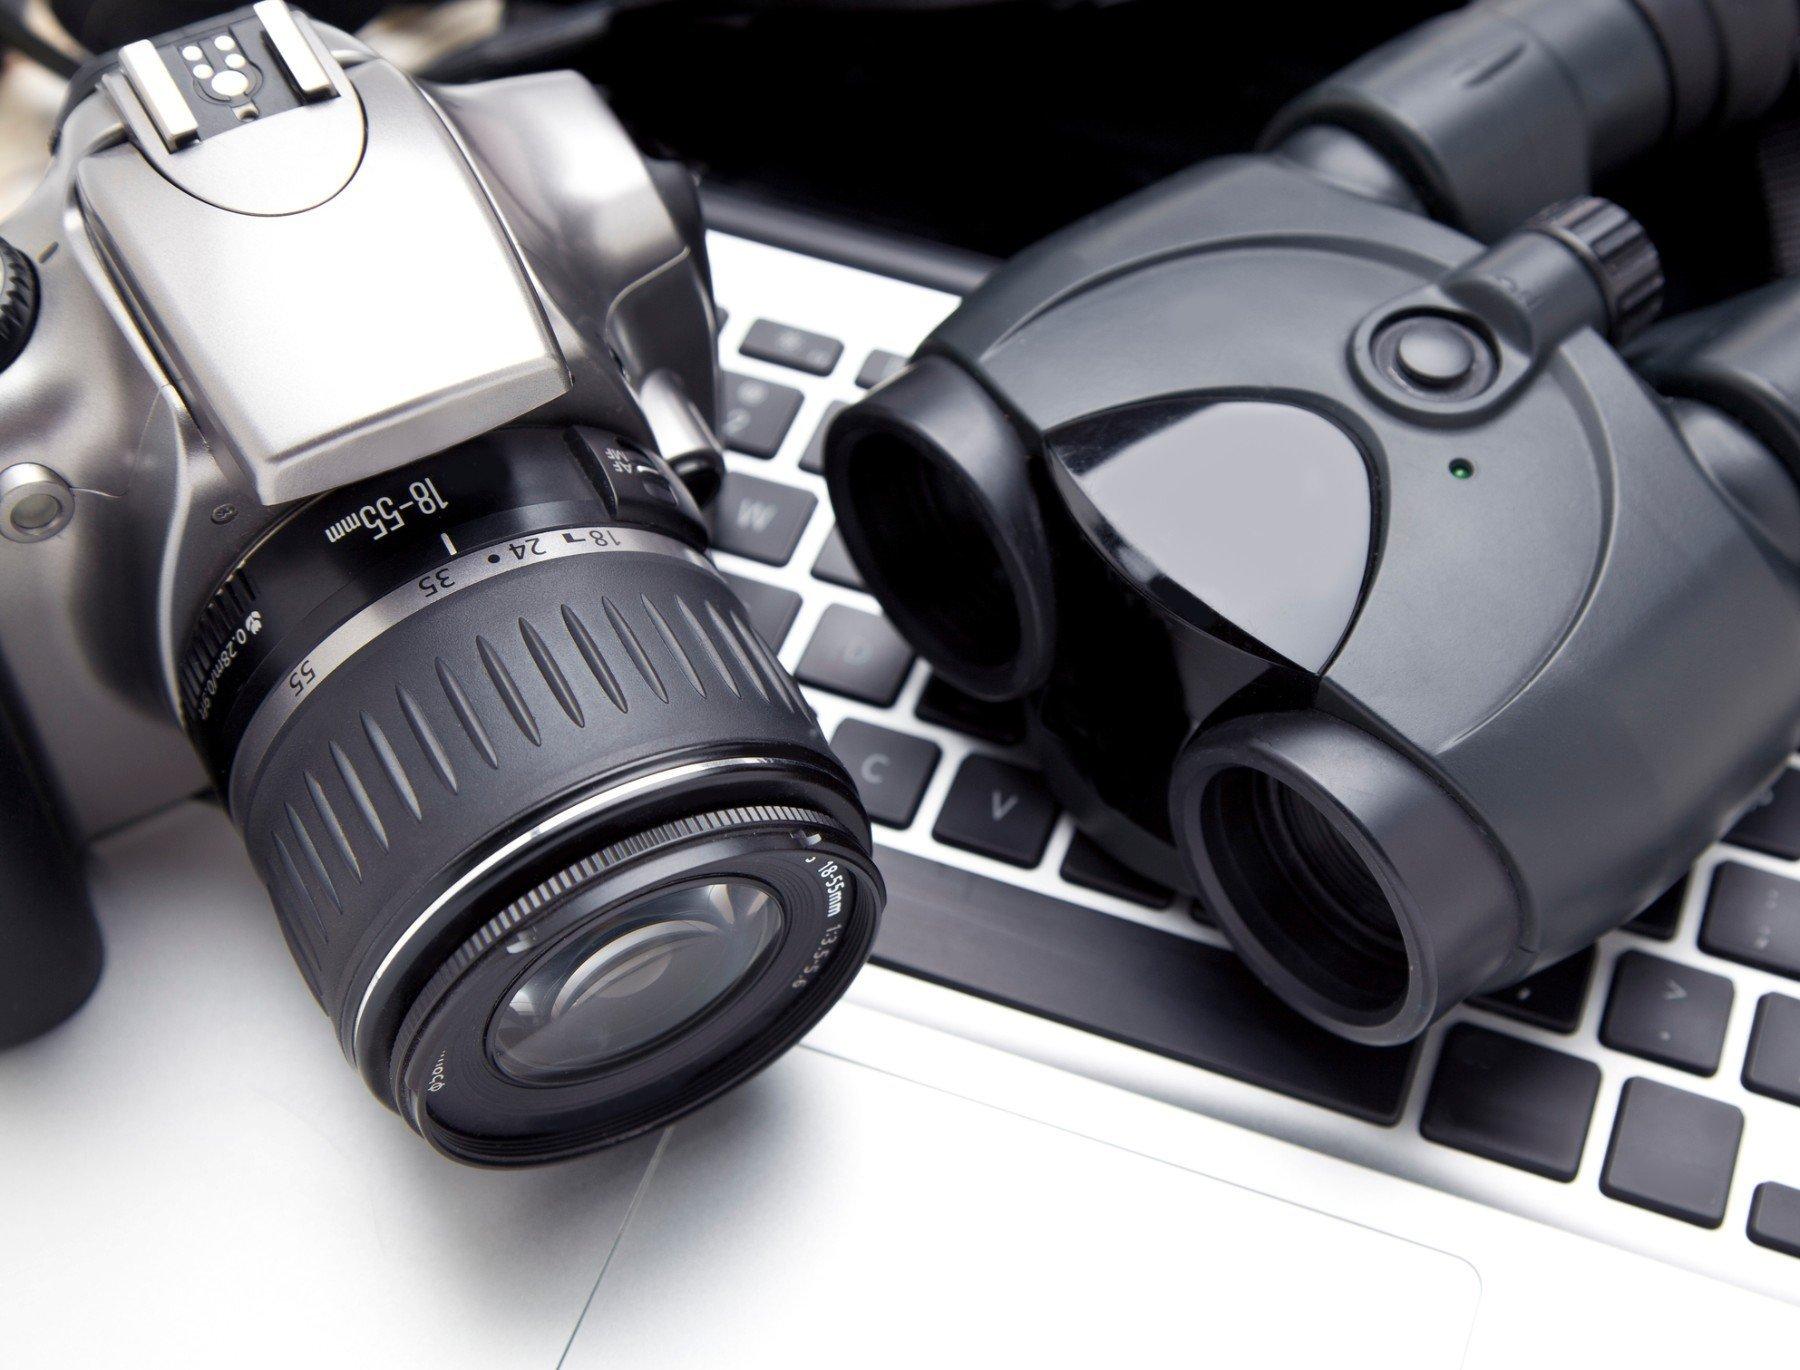 una macchina fotografica, un binocolo ed una tastiera di un computer